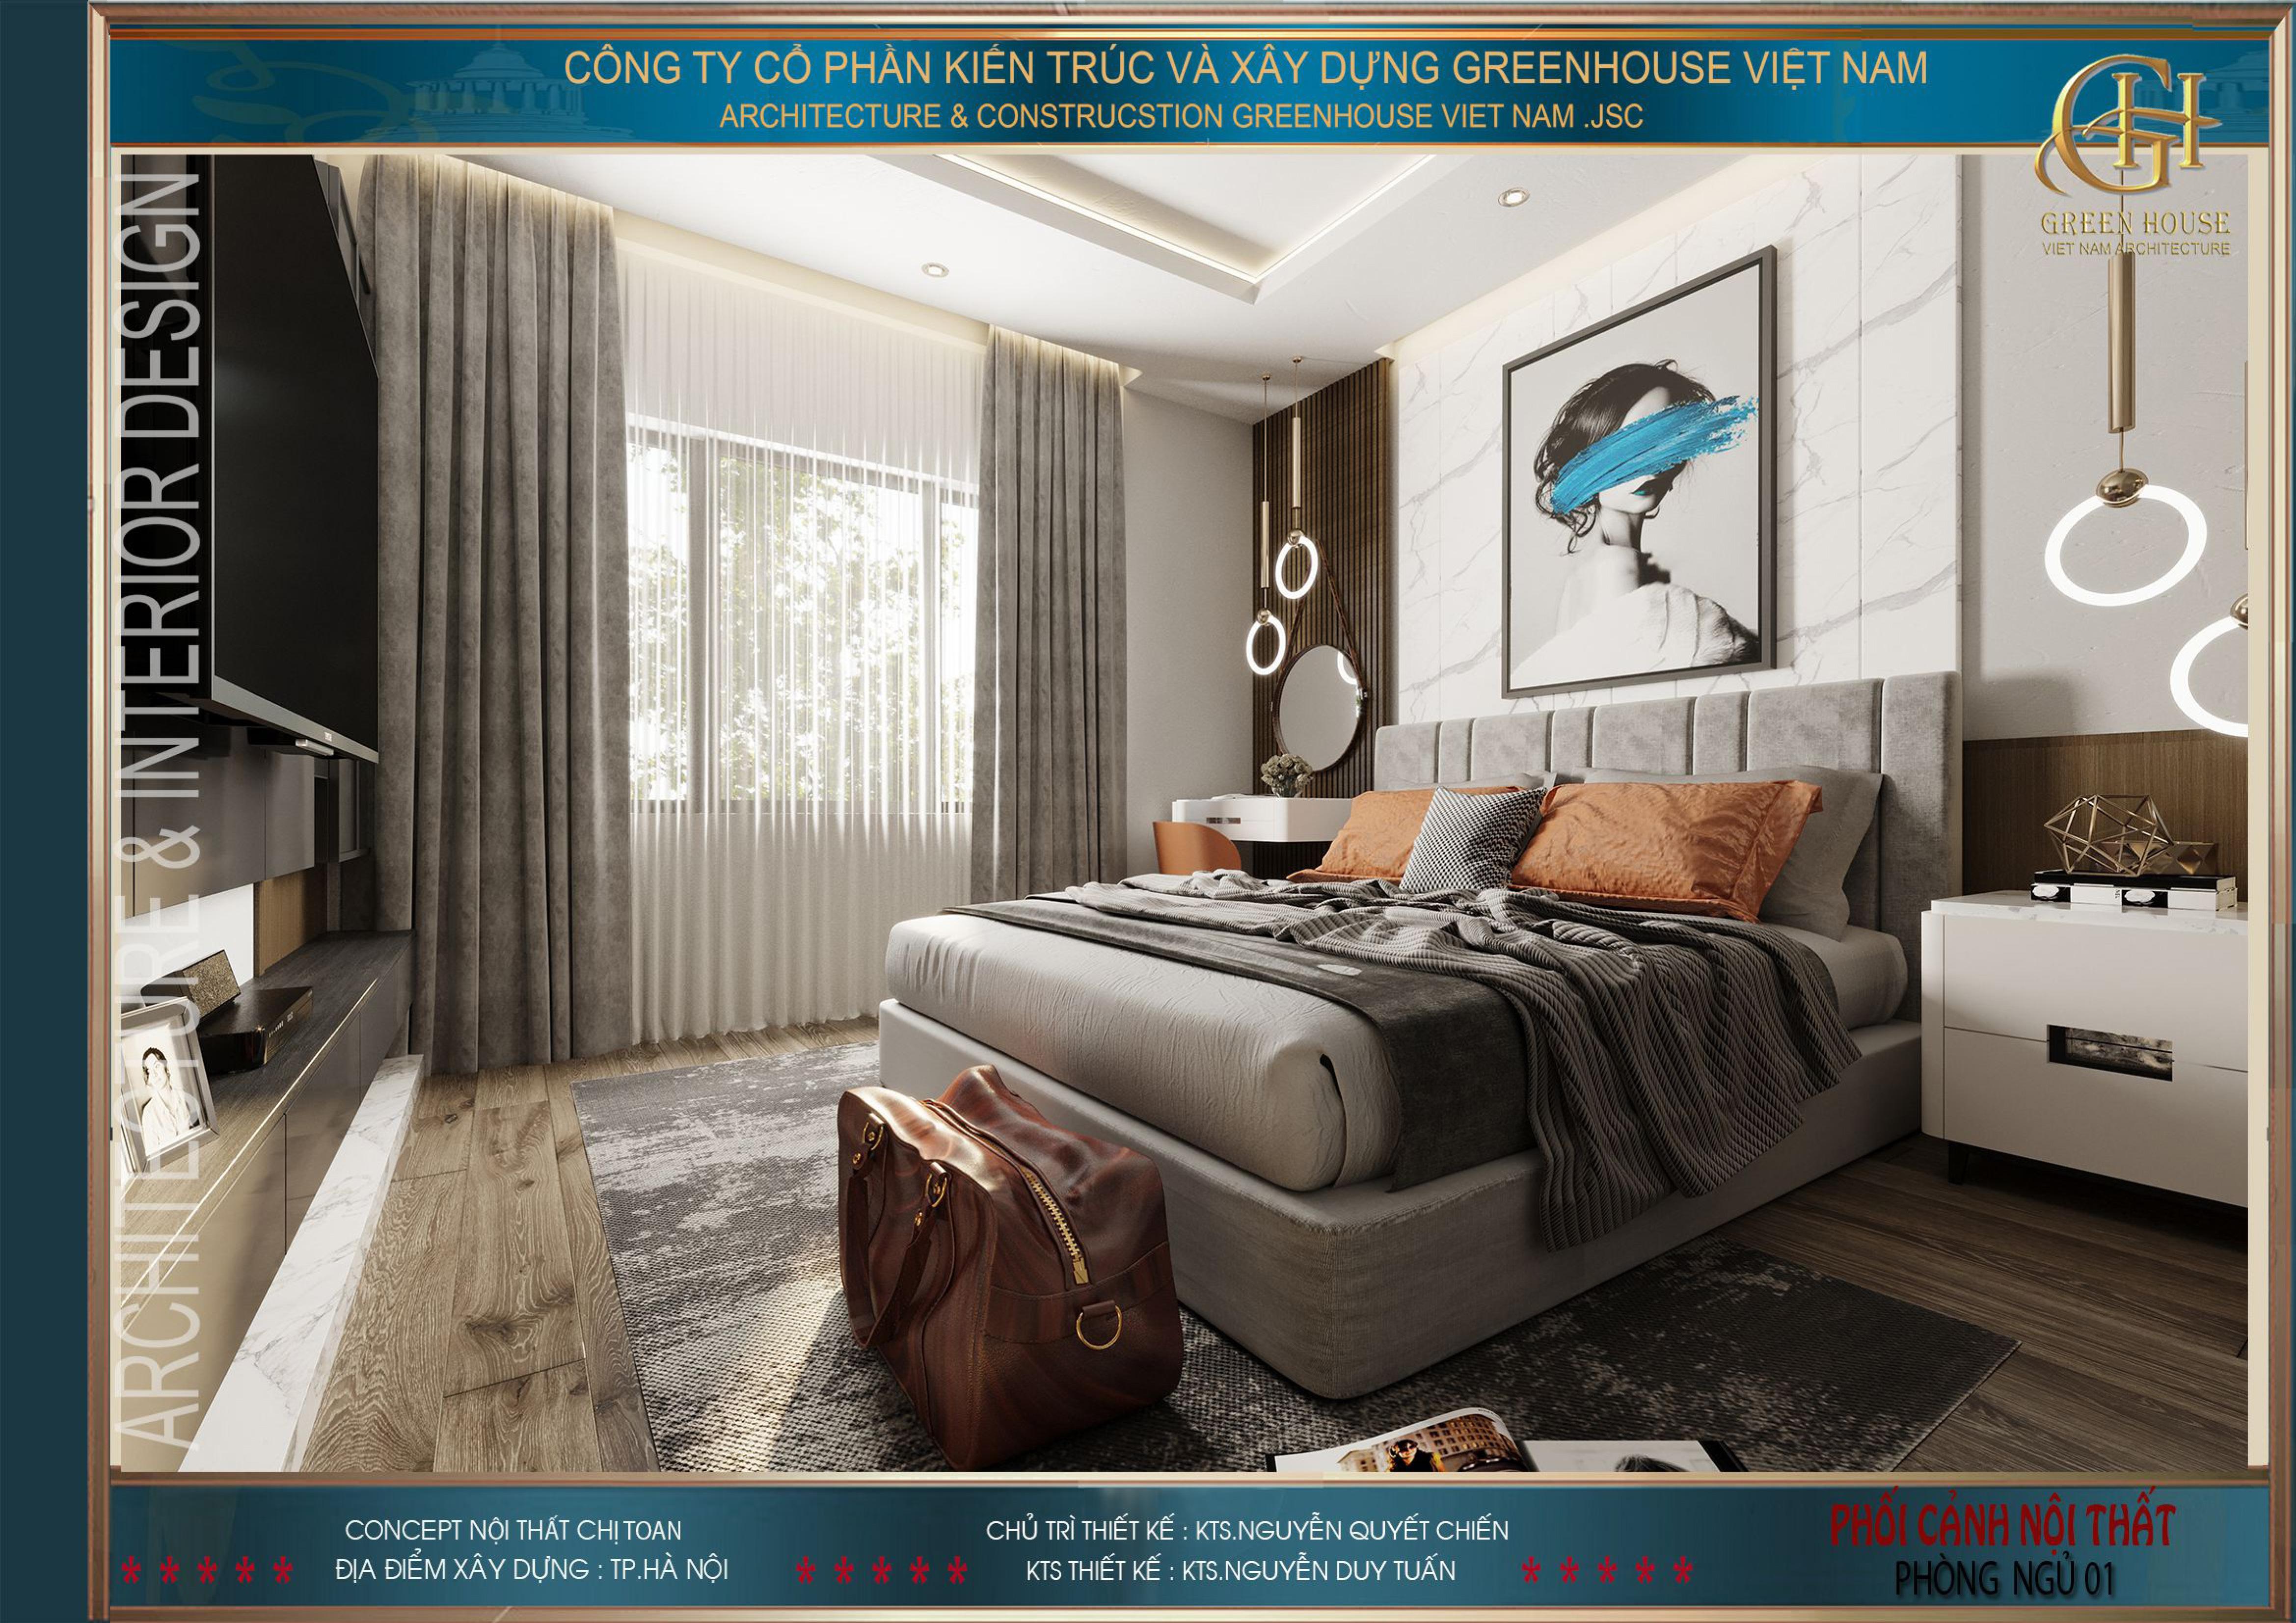 Căn phòng thiết kế với màu xám chủ đạo mang đến vẻ đẹp sang trọng